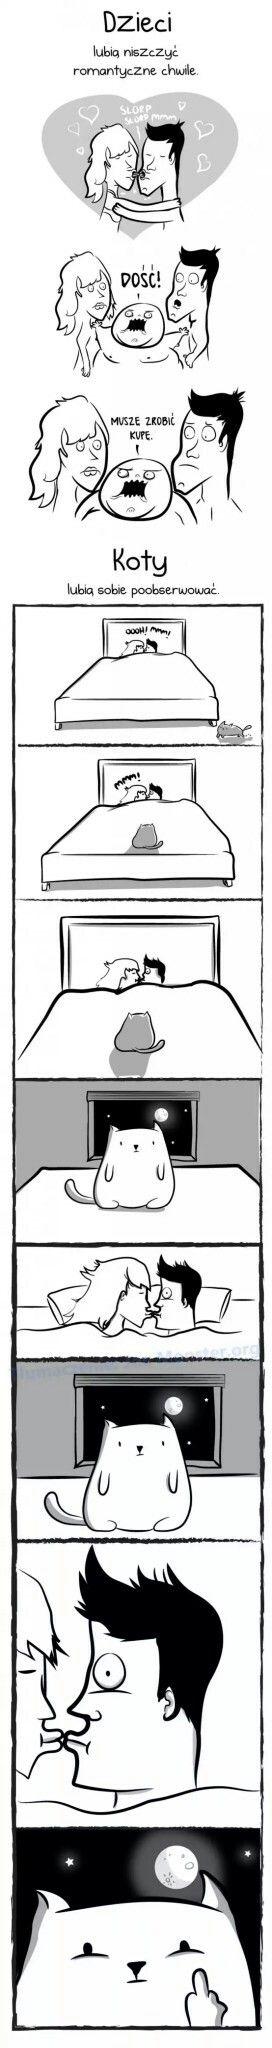 DZIECI vs KOTY #dzieci#dziecko#koty#kot#kotki#humor#posiadaniedziecka#posiadaniekota#wyzwania#5